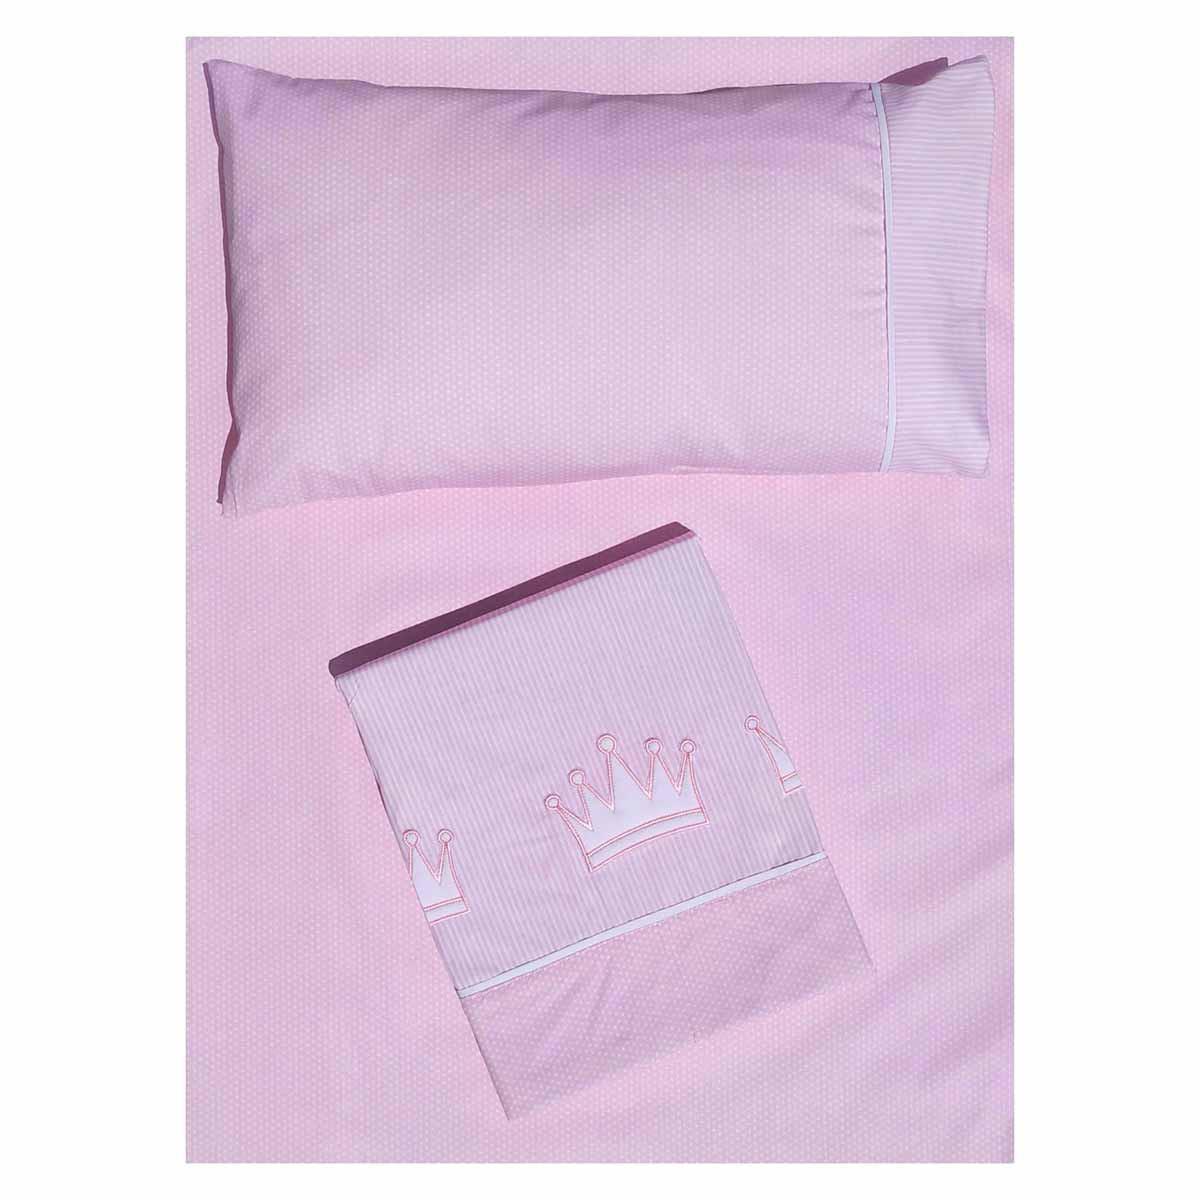 Σεντόνια Μονά (Σετ) Morven Cute 1901 Pink